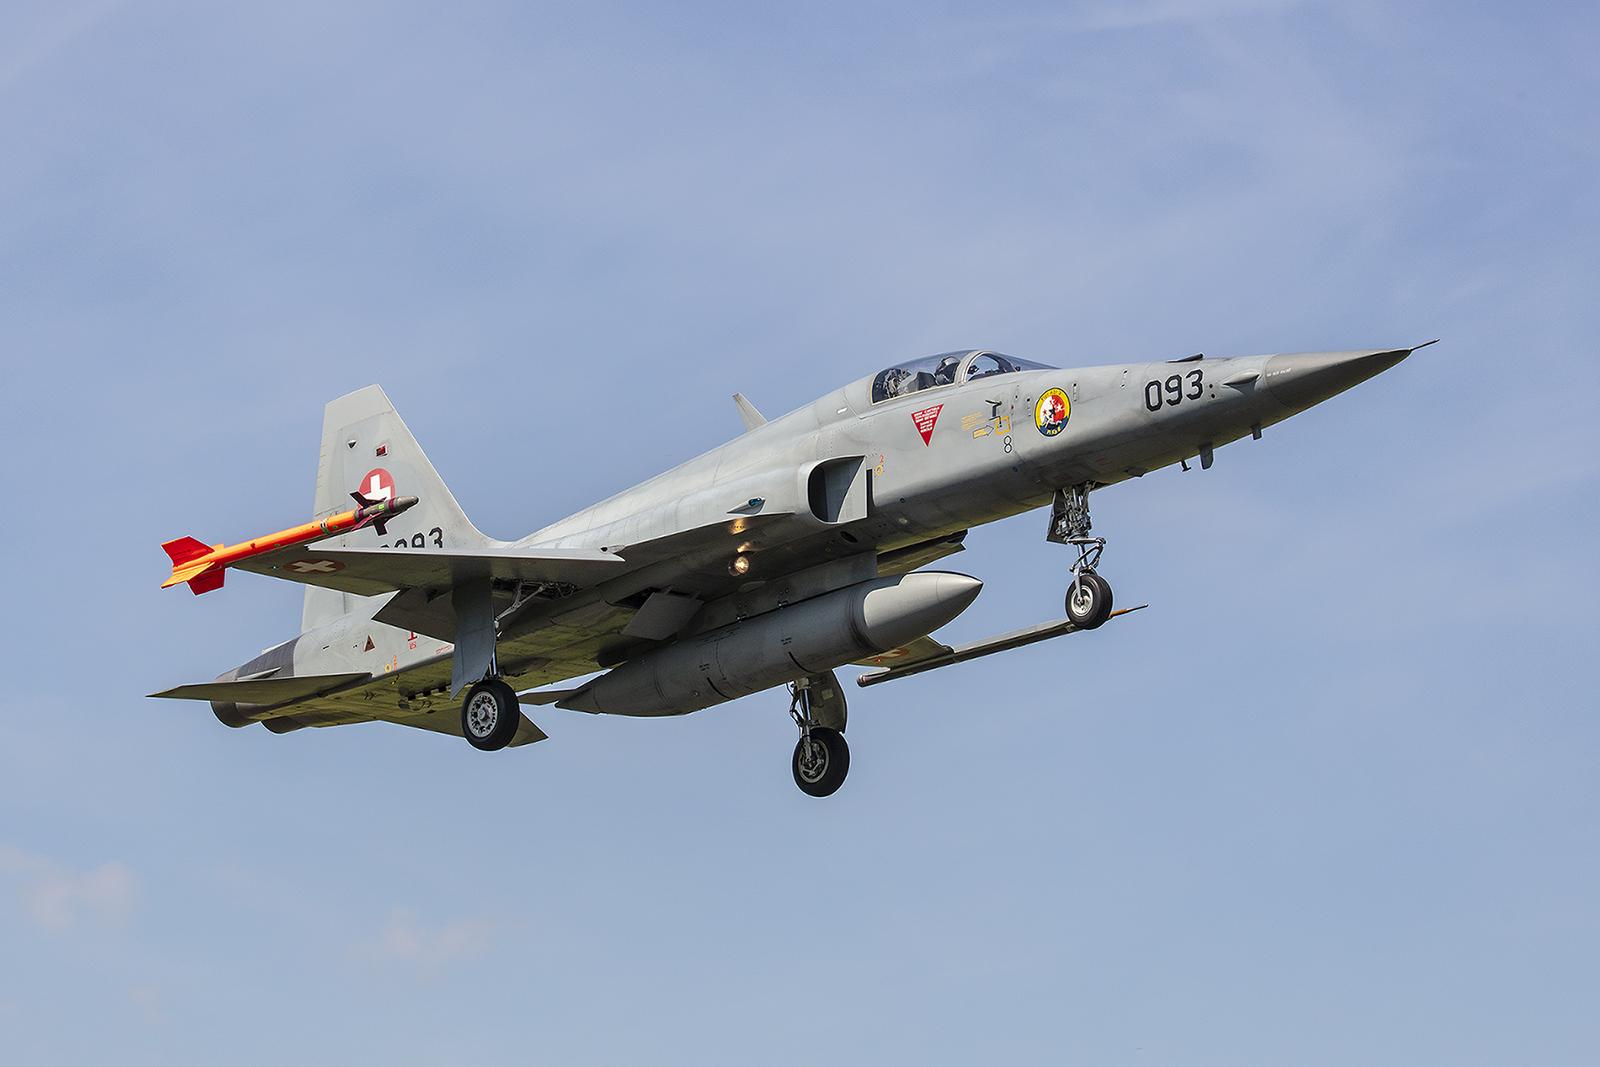 Die F-5 werden noch immer von Reservisten geflogen, obwohl die Milizstaffeln offiziell alle aufgelöst sind.